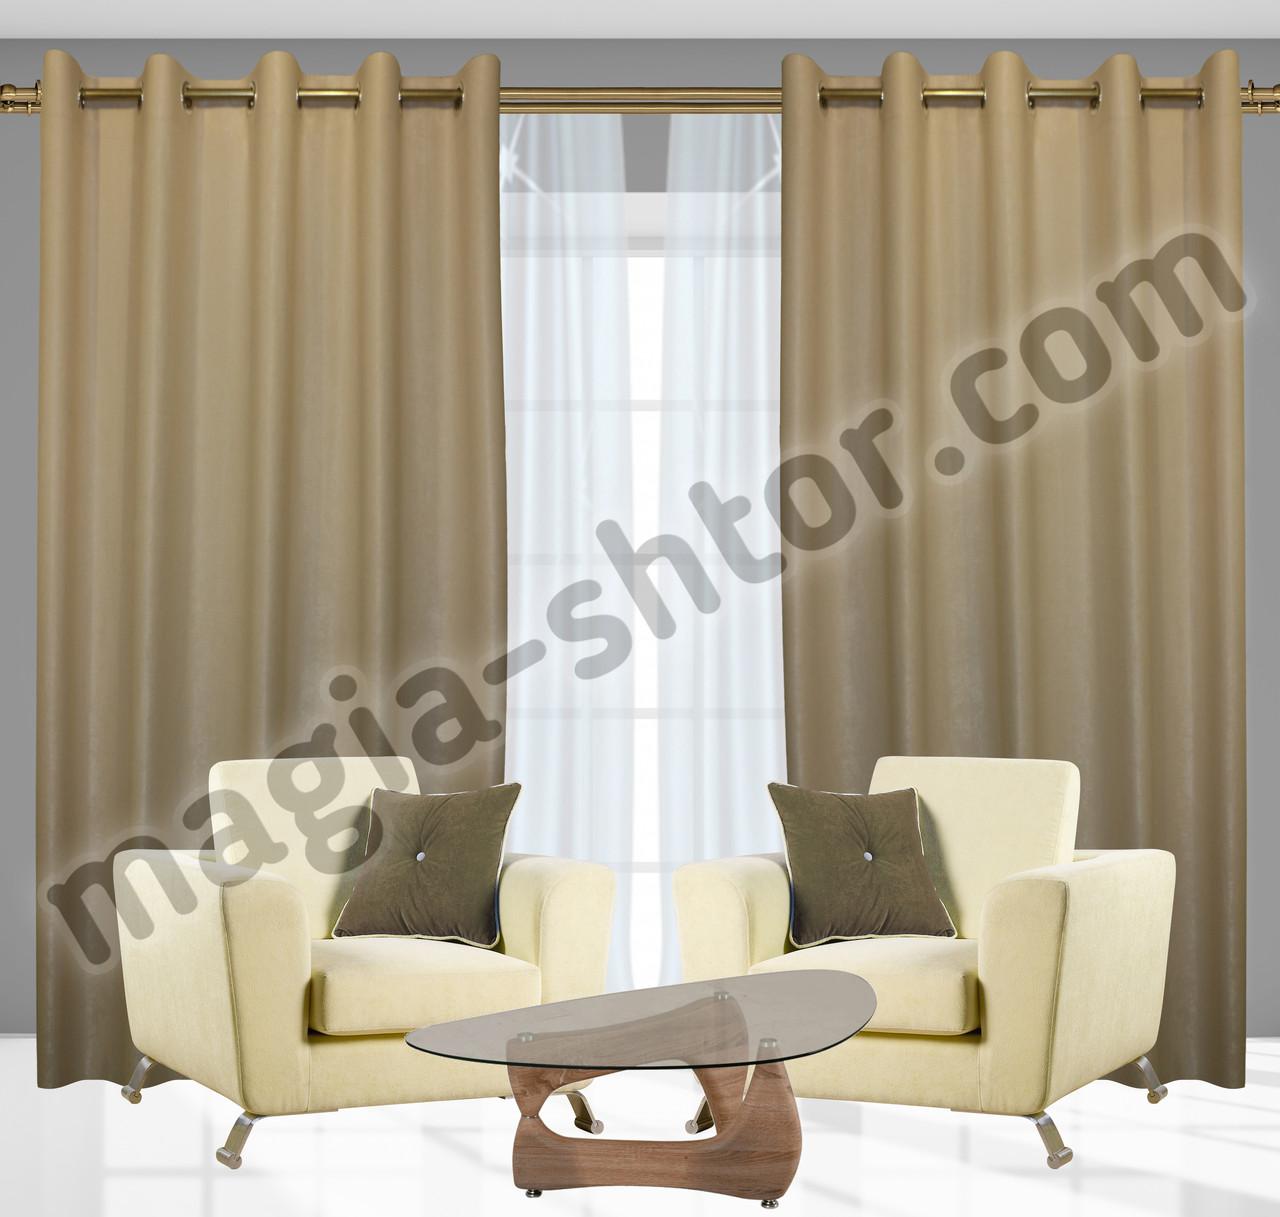 Готовые шторы на люверсах. Ткань: софт. Турция. Цена за пару